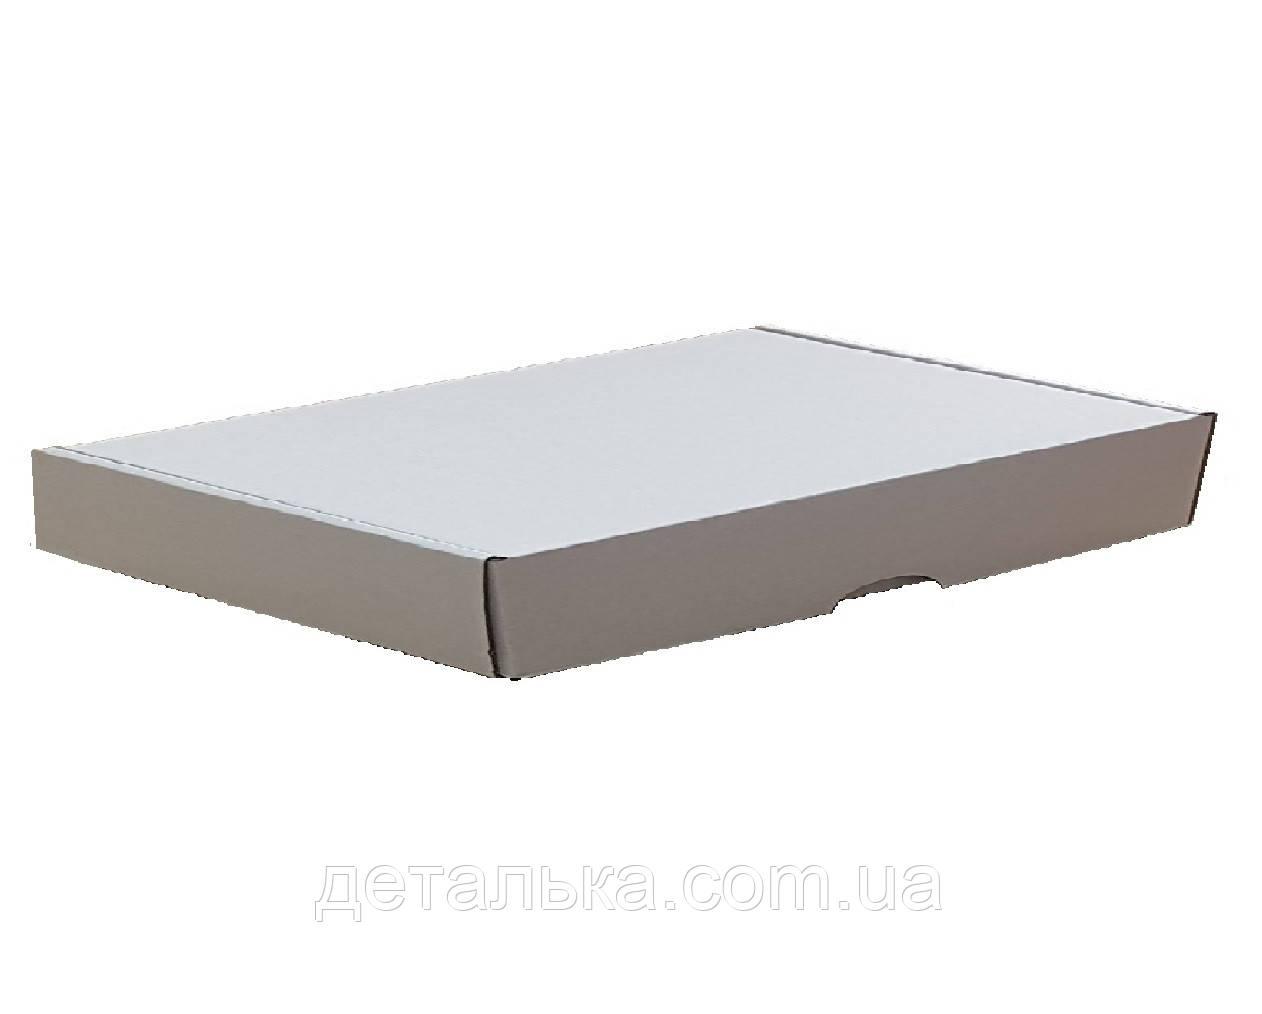 Самосборные картонные коробки 350*250*25 мм.